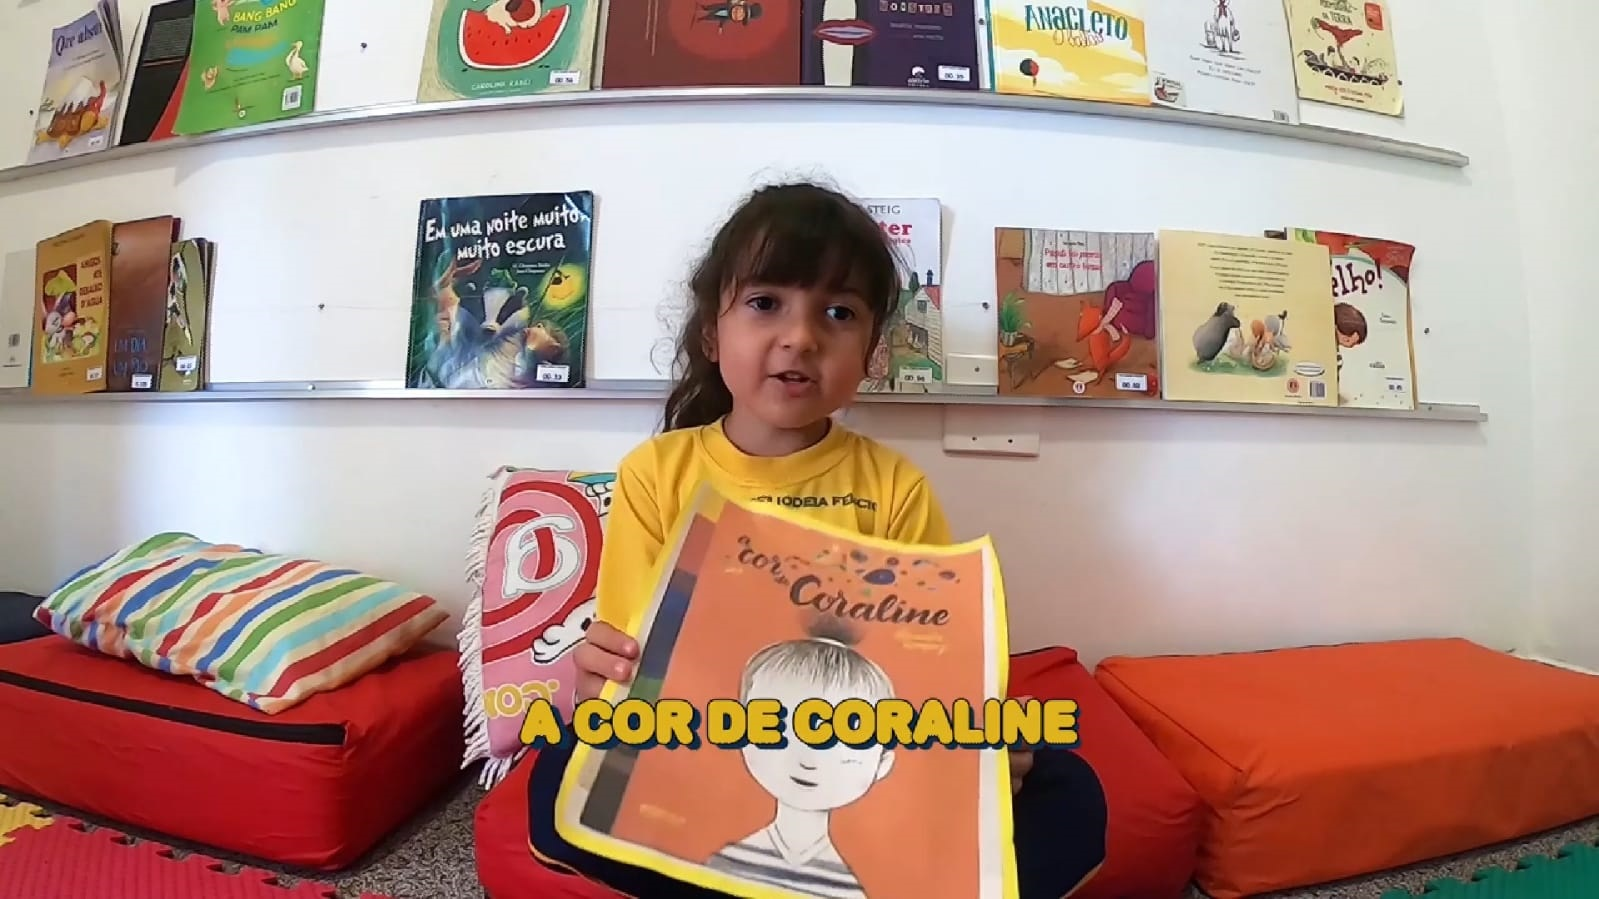 História: A cor de Coraline